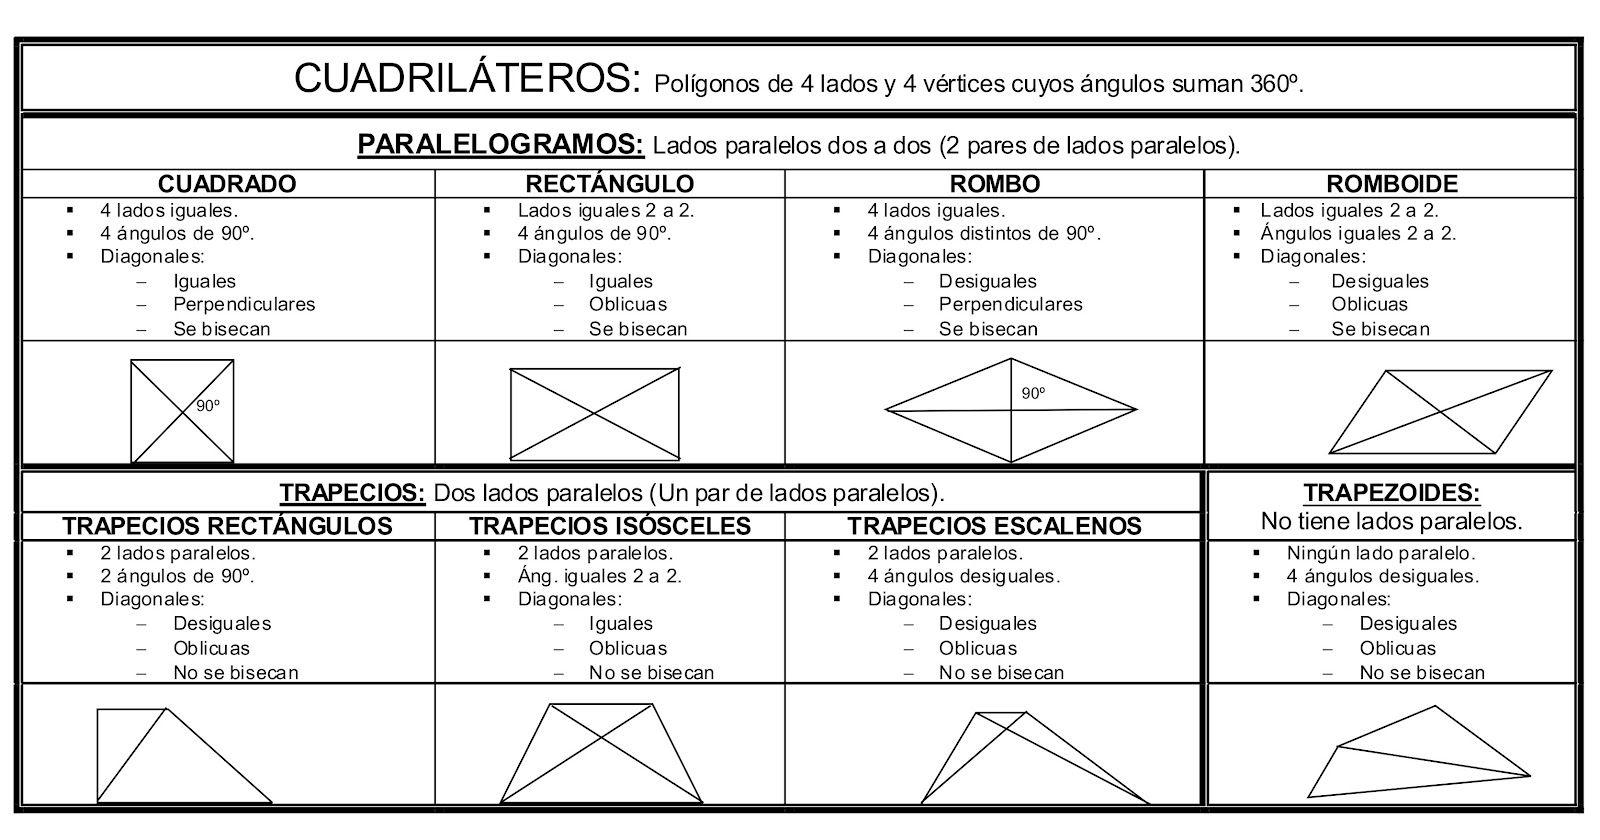 Cuadriláteros: paralelogramos, rombos, romboides y trapecios. Defin ...